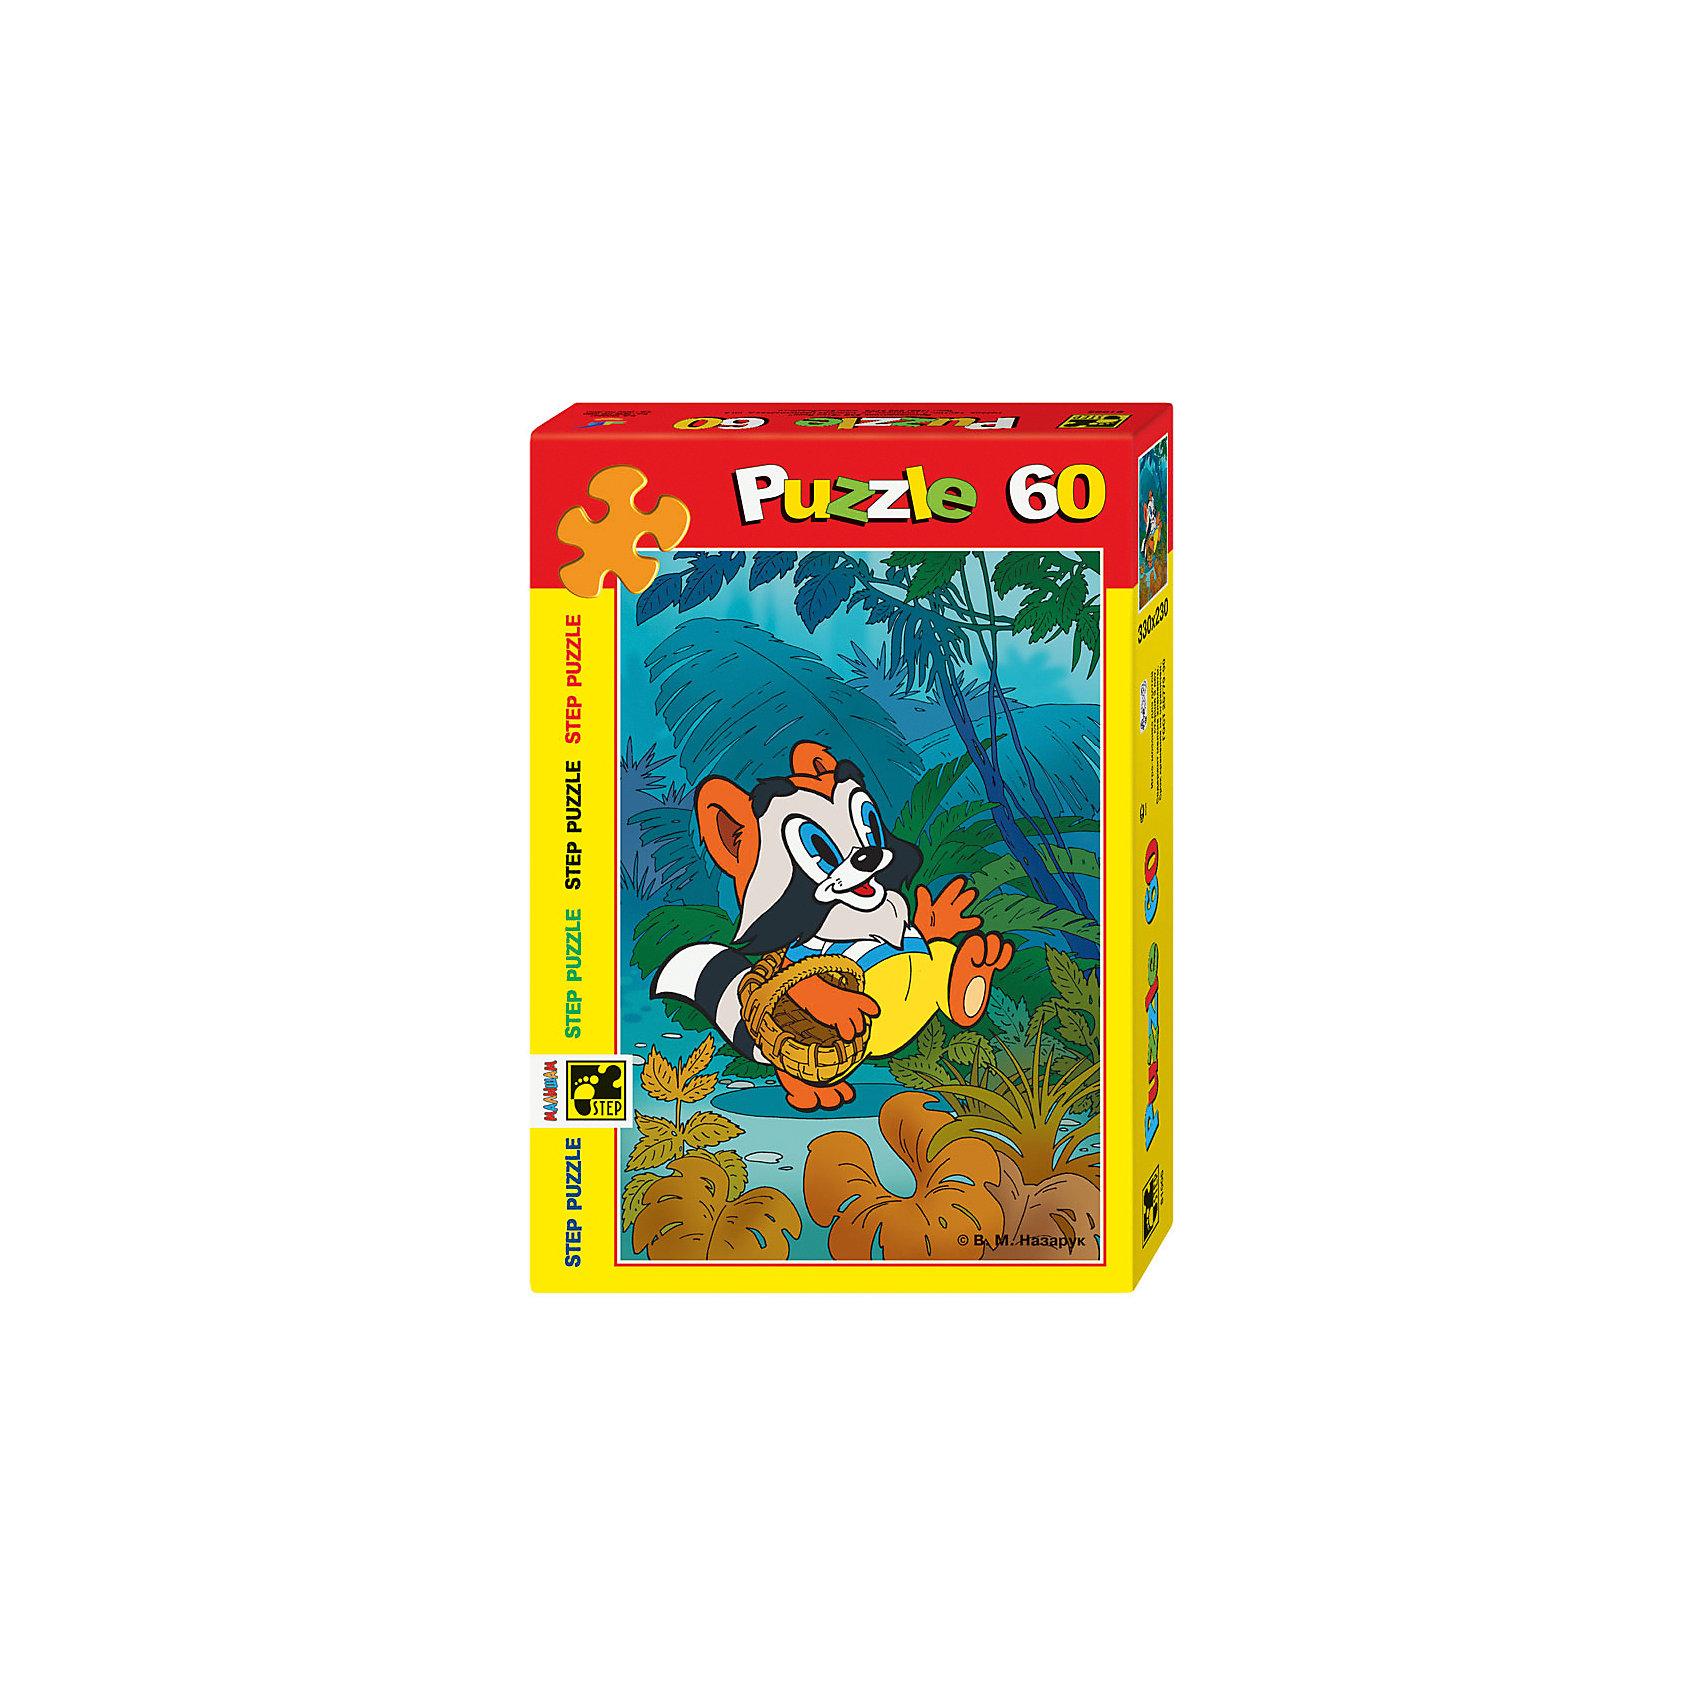 Пазл Крошка Енот, 60 деталей, Step PuzzleПазл Крошка Енот, 60 деталей, Step Puzzle (Степ Пазл) – это замечательный красочный пазл с изображением любимых героев.<br>Подарите ребенку чудесный пазл Крошка Енот, и он будет увлеченно подбирать детали, пока не составит яркую и интересную картинку, на которой изображен мультипликационный герой Крошка Енот, гуляющий по густым тропическим зарослям. Сборка пазла Крошка Енот от Step Puzzle (Степ Пазл) подарит Вашему ребенку не только множество увлекательных вечеров, но и принесет пользу для развития. Координация, моторика, внимательность легко тренируются, пока ребенок увлеченно подбирает детали. Качественные фрагменты пазла отлично проклеены и идеально подходят один к другому, поэтому сборка пазла обеспечит малышу только положительные эмоции. Вы будете использовать этот пазл не один год, ведь благодаря качественной нарезке детали не расслаиваются даже после многократного использования.<br><br>Дополнительная информация:<br><br>- Количество деталей: 60<br>- Материал: картон<br>- Размер собранной картинки: 23х33 см.<br>- Отличная проклейка<br>- Долгий срок службы<br>- Детали идеально подходят друг другу<br>- Яркий сюжет<br>- Упаковка: картонная коробка<br>- Размер упаковки: 195x35x140 мм.<br>- Вес: 400 гр.<br><br>Пазл Крошка Енот, 60 деталей, Step Puzzle (Степ Пазл) можно купить в нашем интернет-магазине.<br><br>Ширина мм: 195<br>Глубина мм: 35<br>Высота мм: 140<br>Вес г: 400<br>Возраст от месяцев: 36<br>Возраст до месяцев: 84<br>Пол: Унисекс<br>Возраст: Детский<br>Количество деталей: 60<br>SKU: 4588304